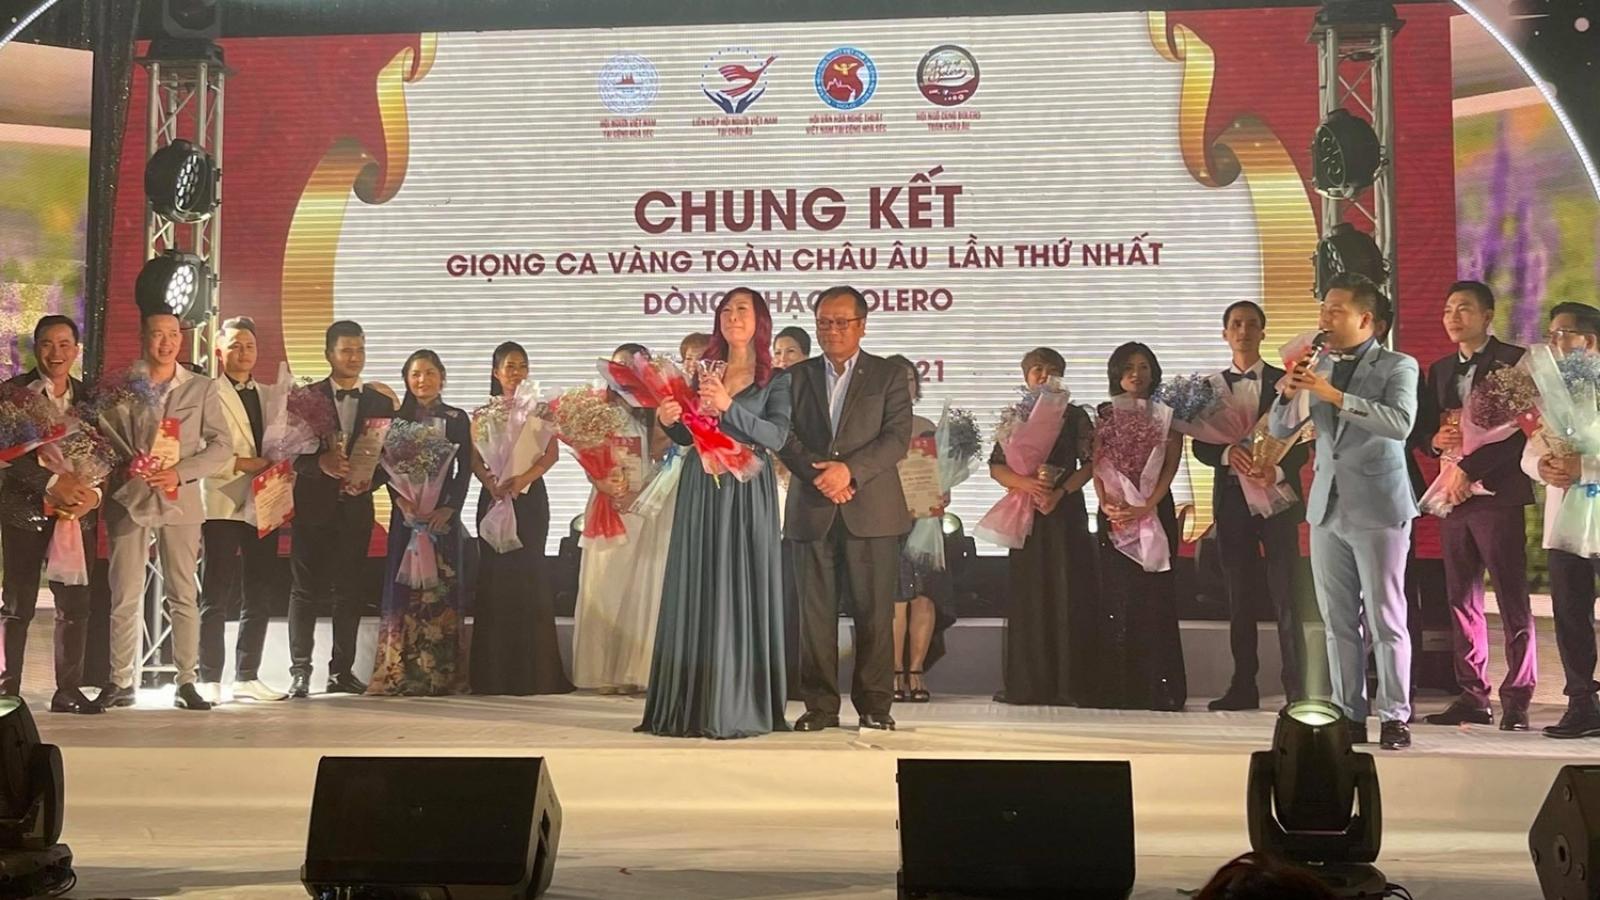 Lan tỏa tinh thần đoàn kết người Việt tại cuộc thi giọng ca vàng toàn châu Âu